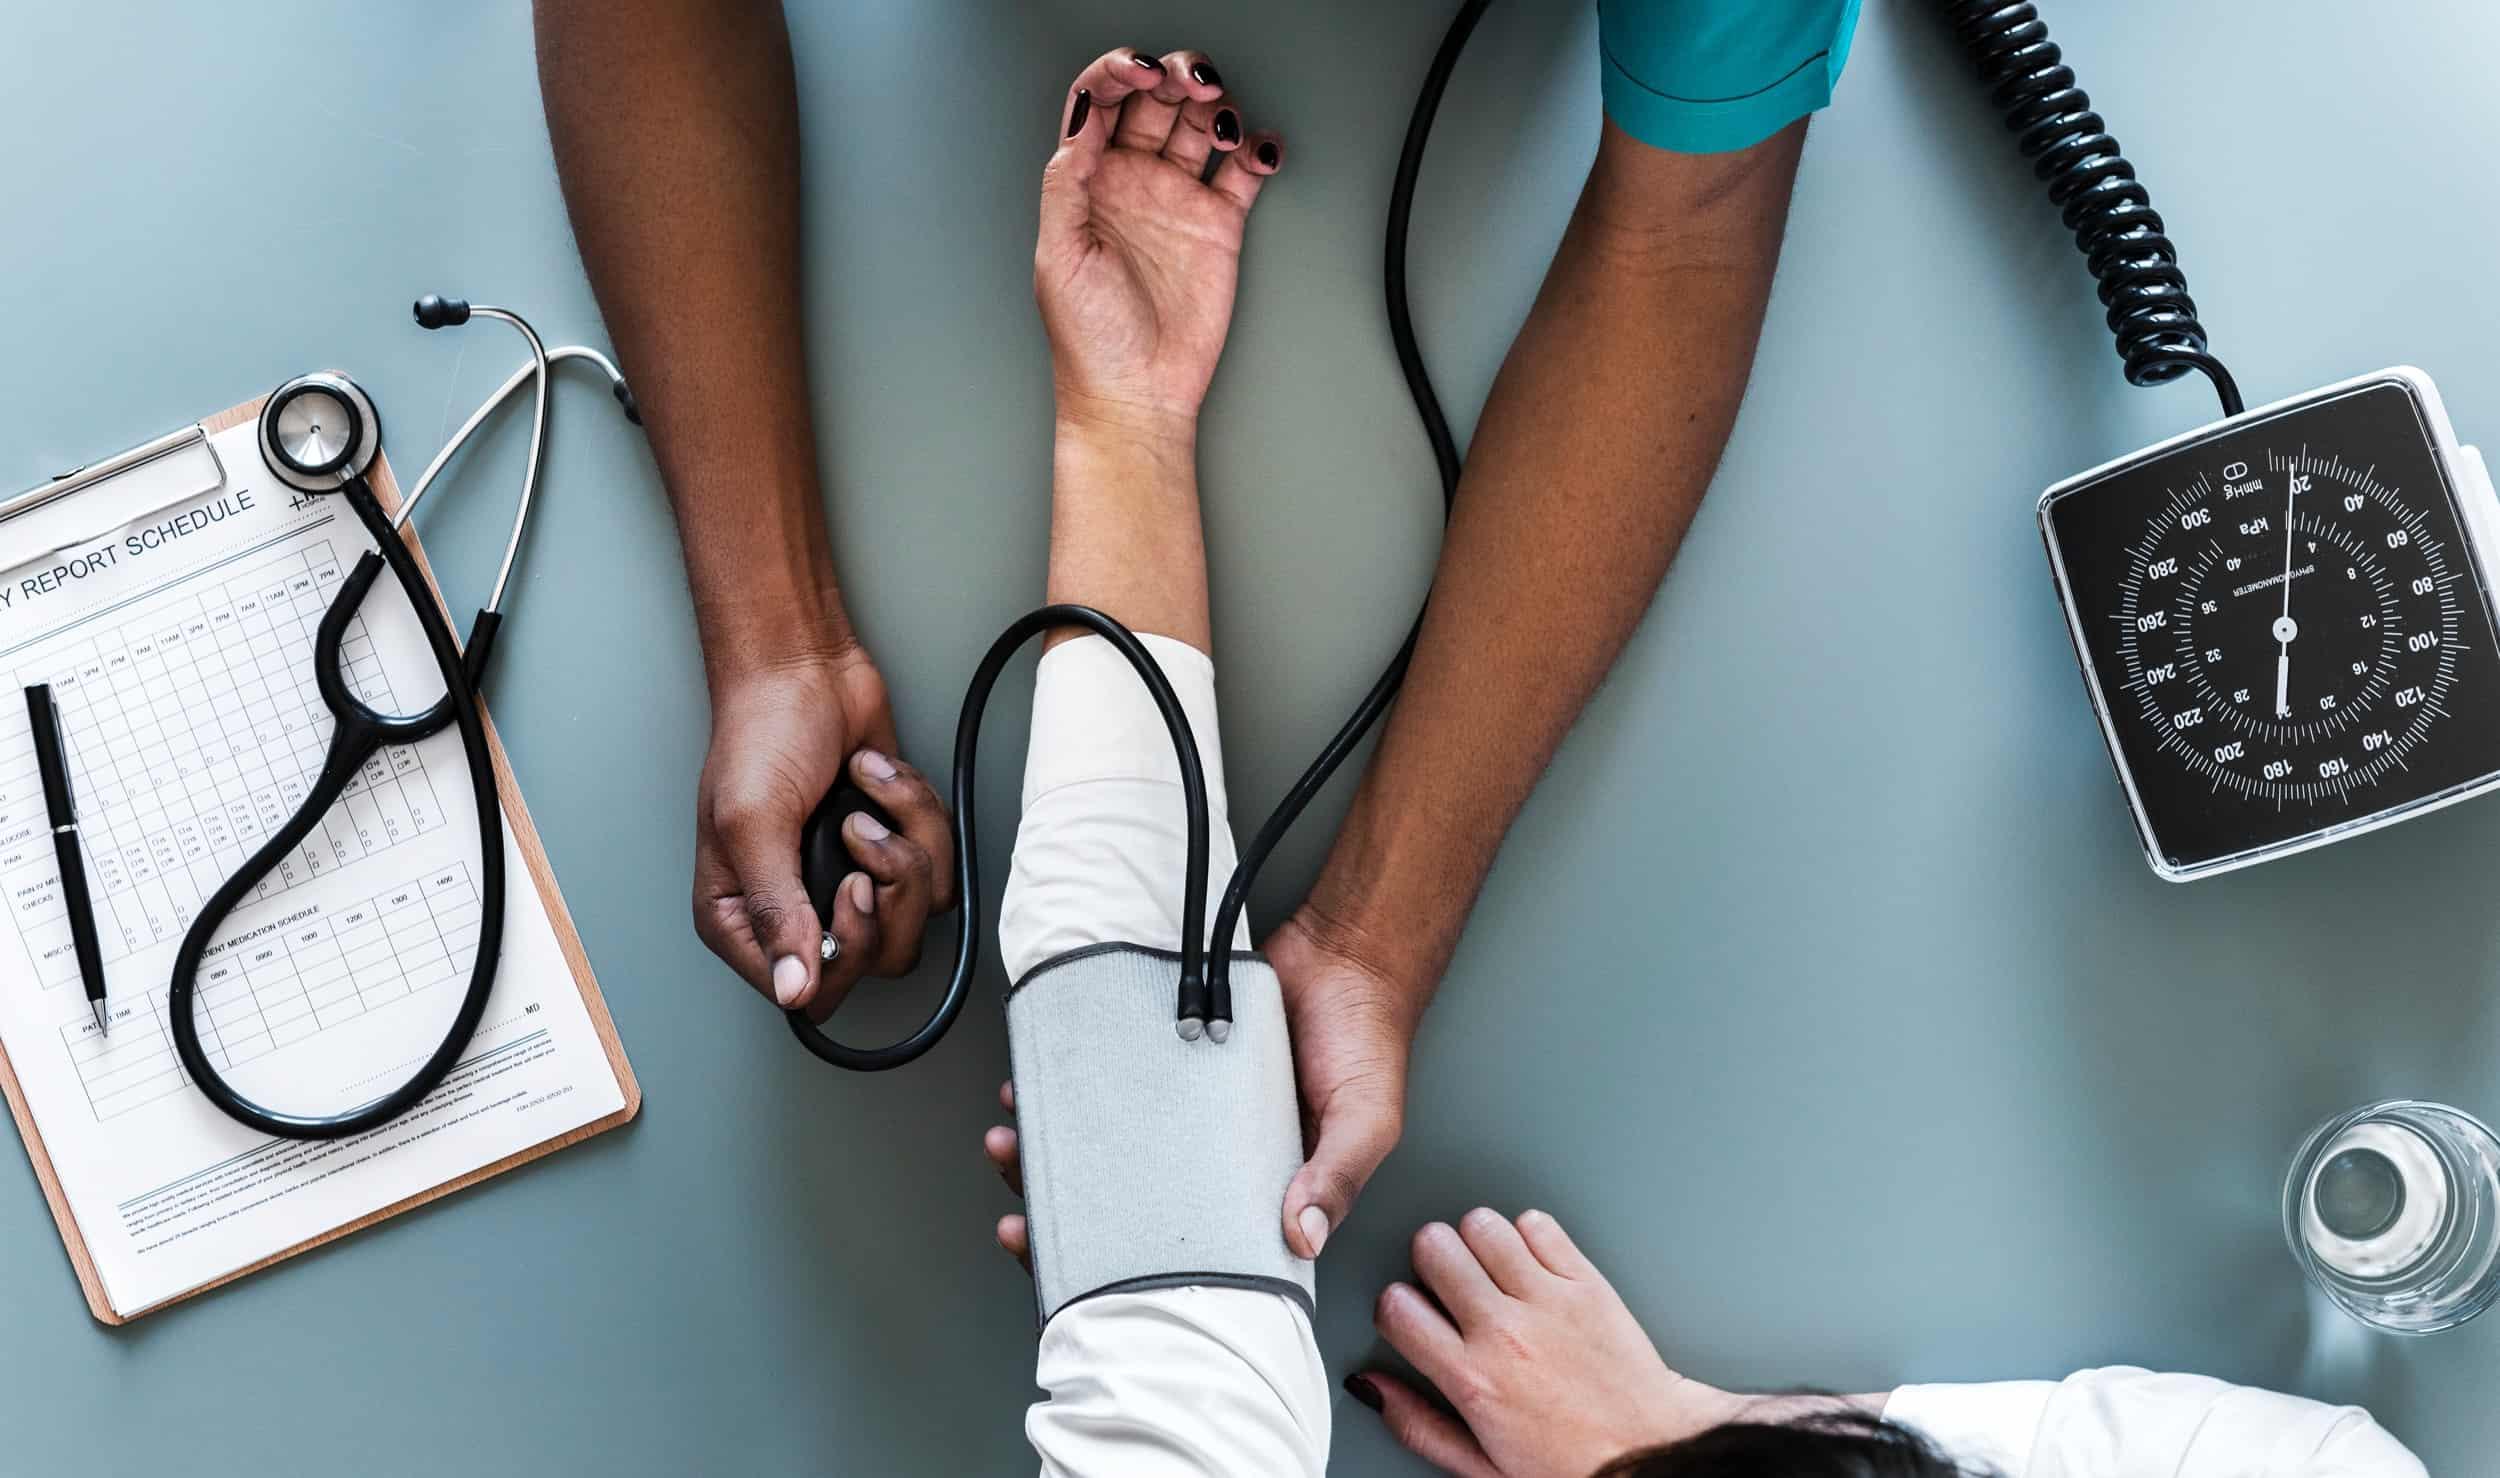 Blutdruckmessgerät: Test & Empfehlungen (05/21)